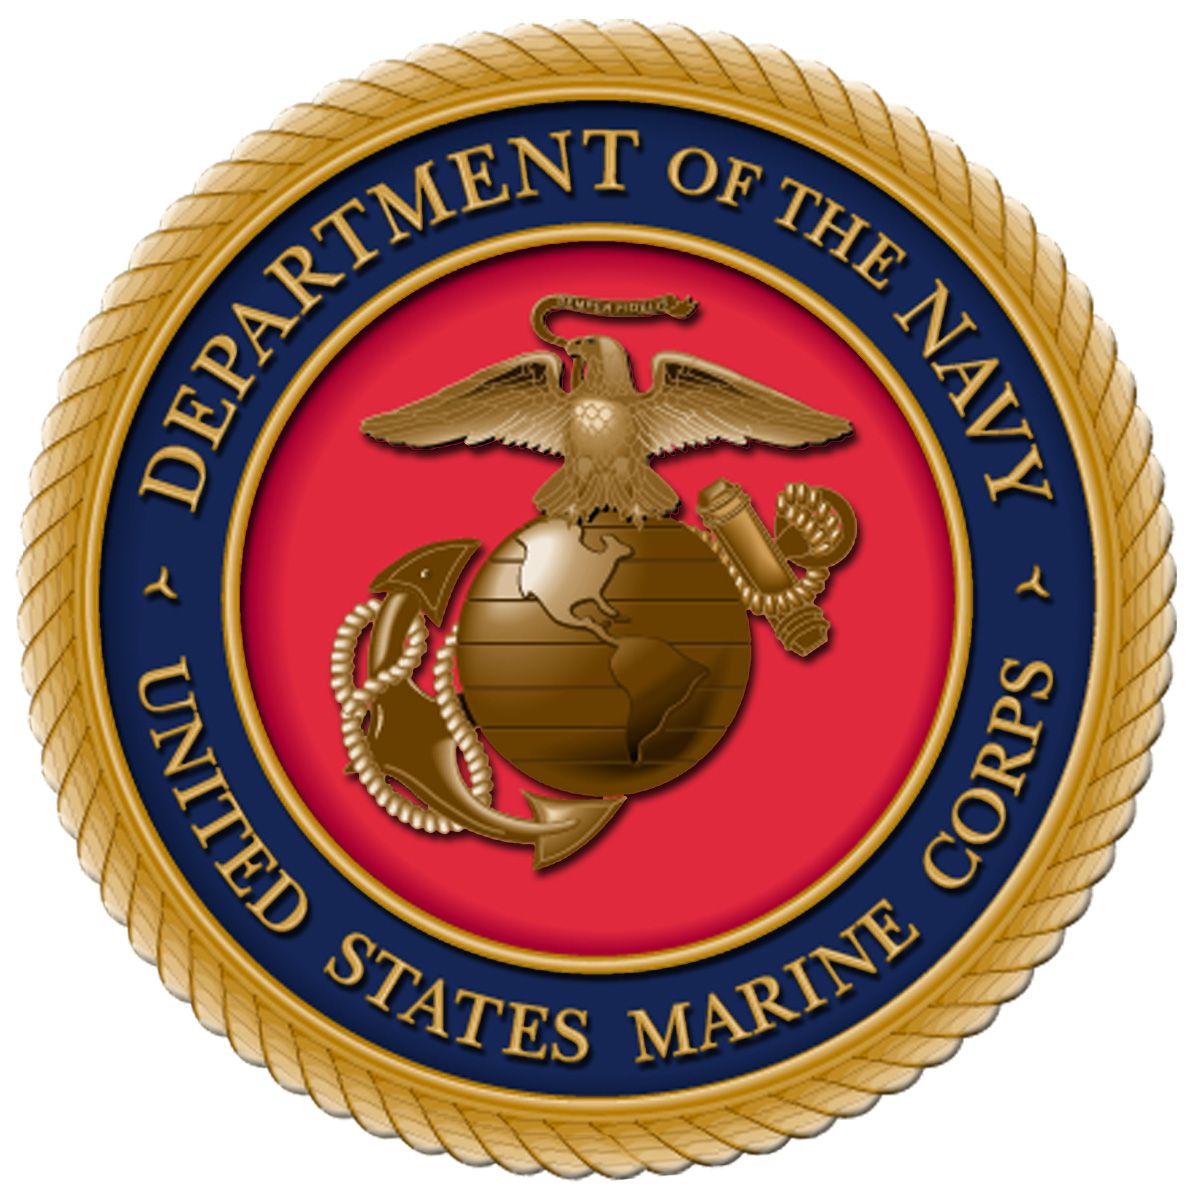 U.S. Marine Corp Insignia Marine corps Marines logo